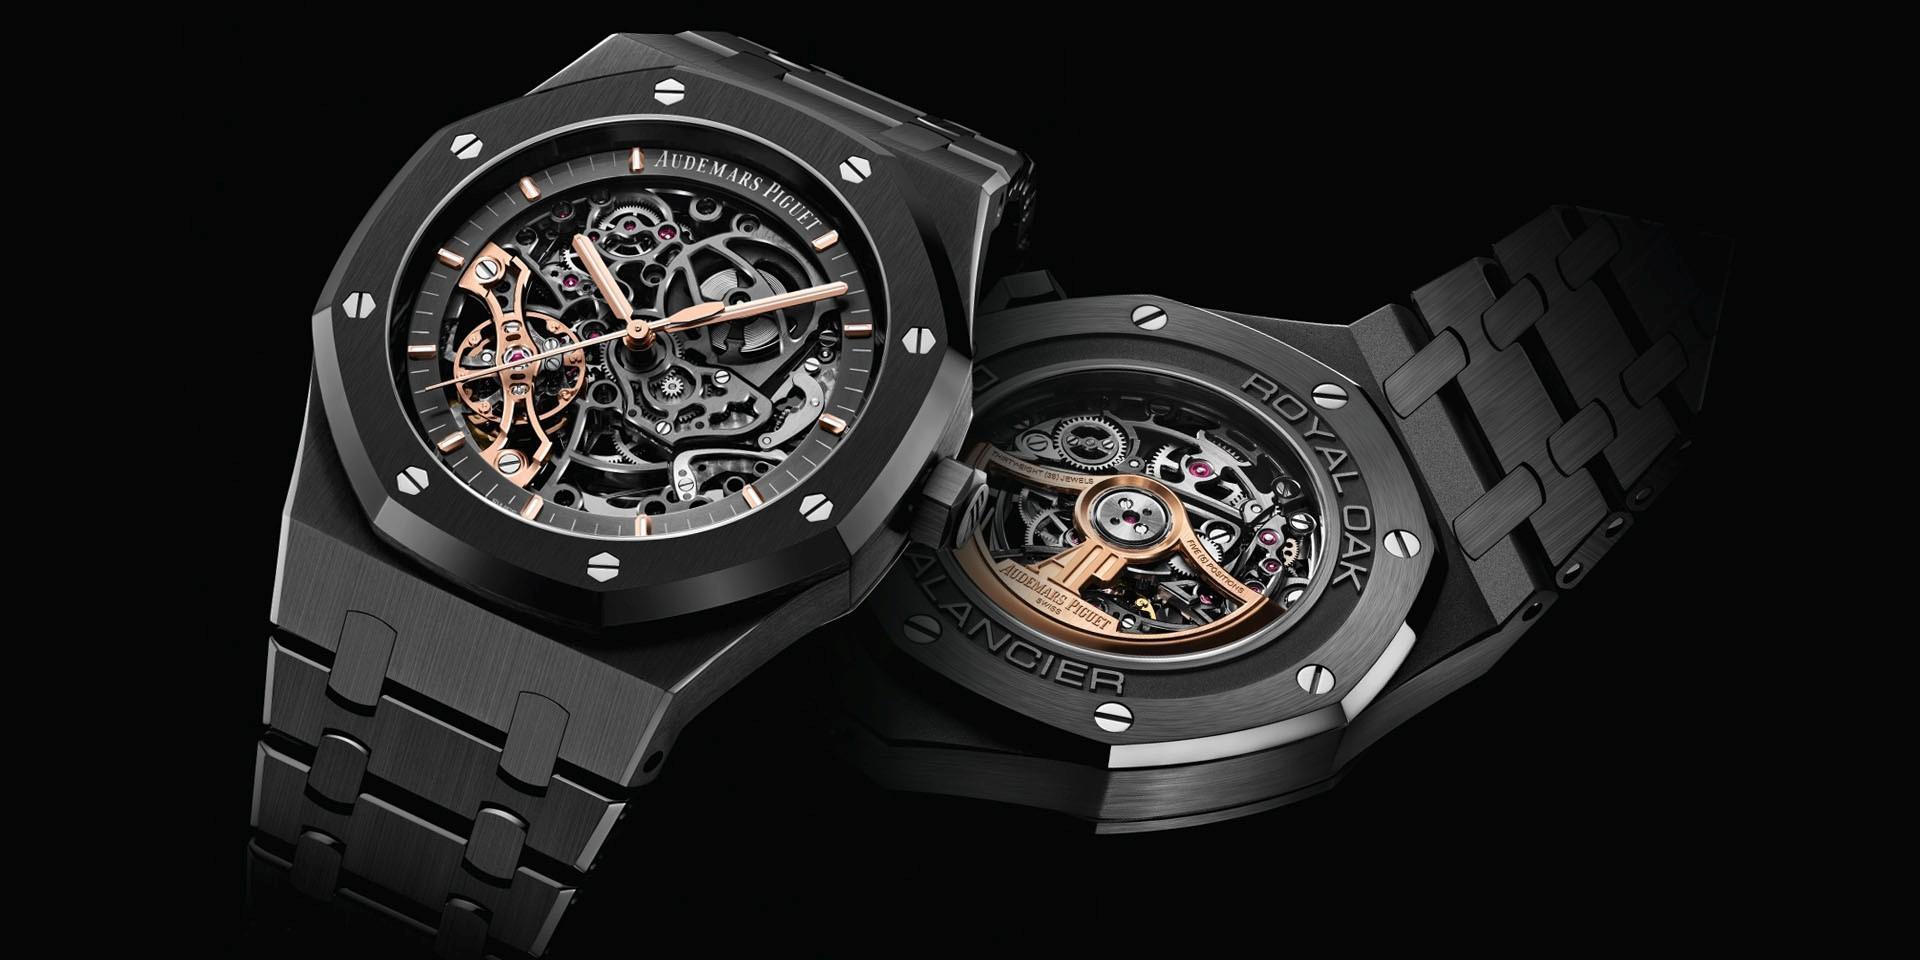 全新黑色美學:愛彼皇家橡樹系列雙擺輪鏤空腕錶黑陶瓷款式